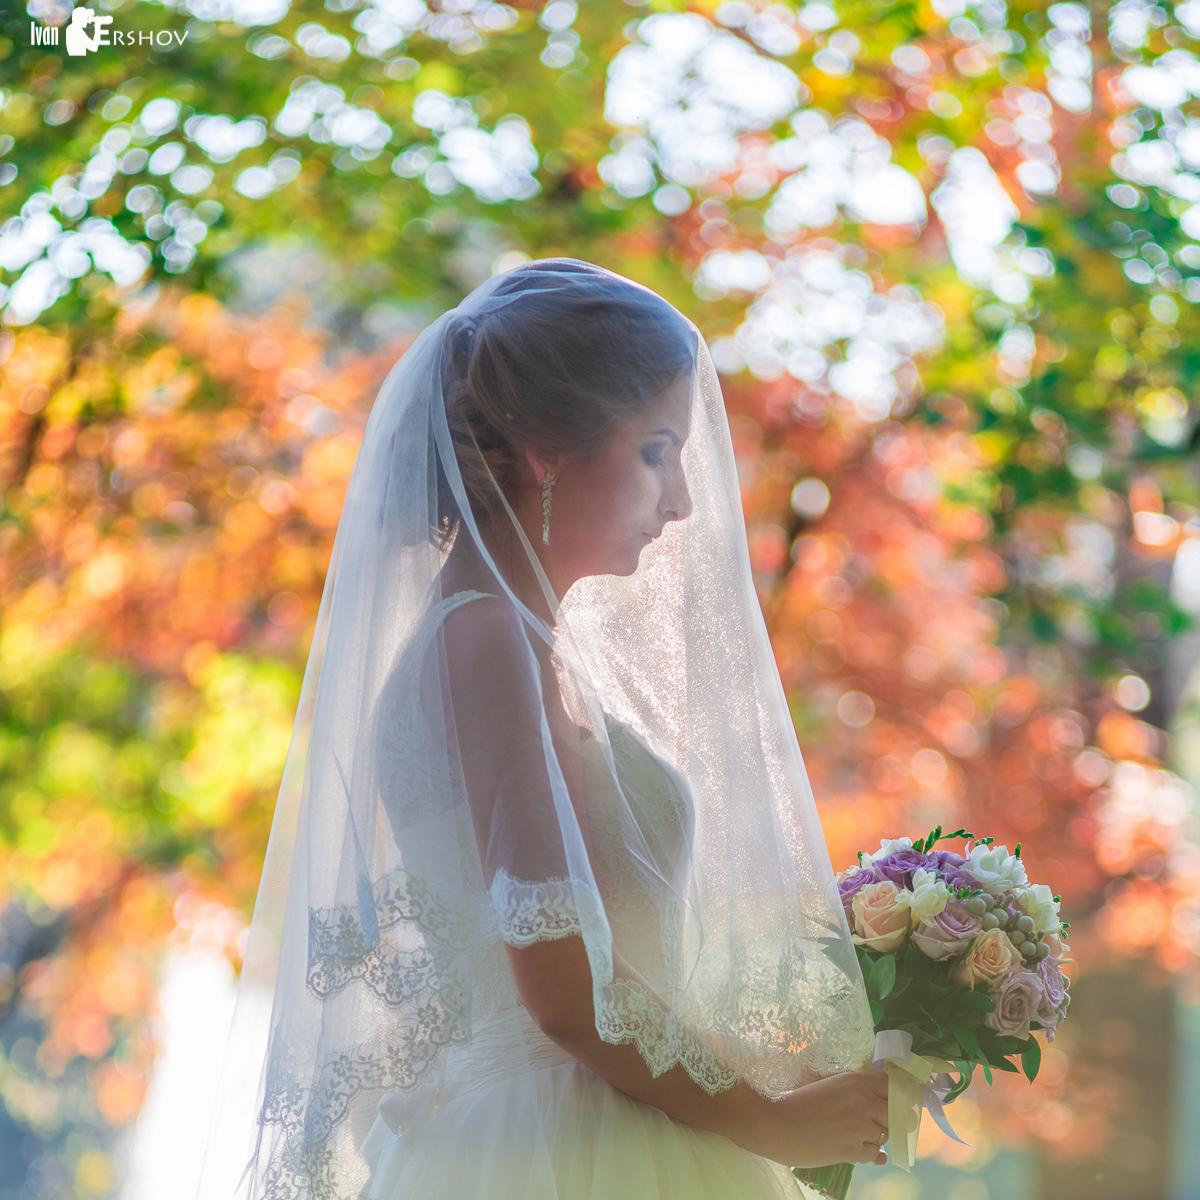 Фото Фотограф подарит романтические воспоминания о вашей свадьбе 3